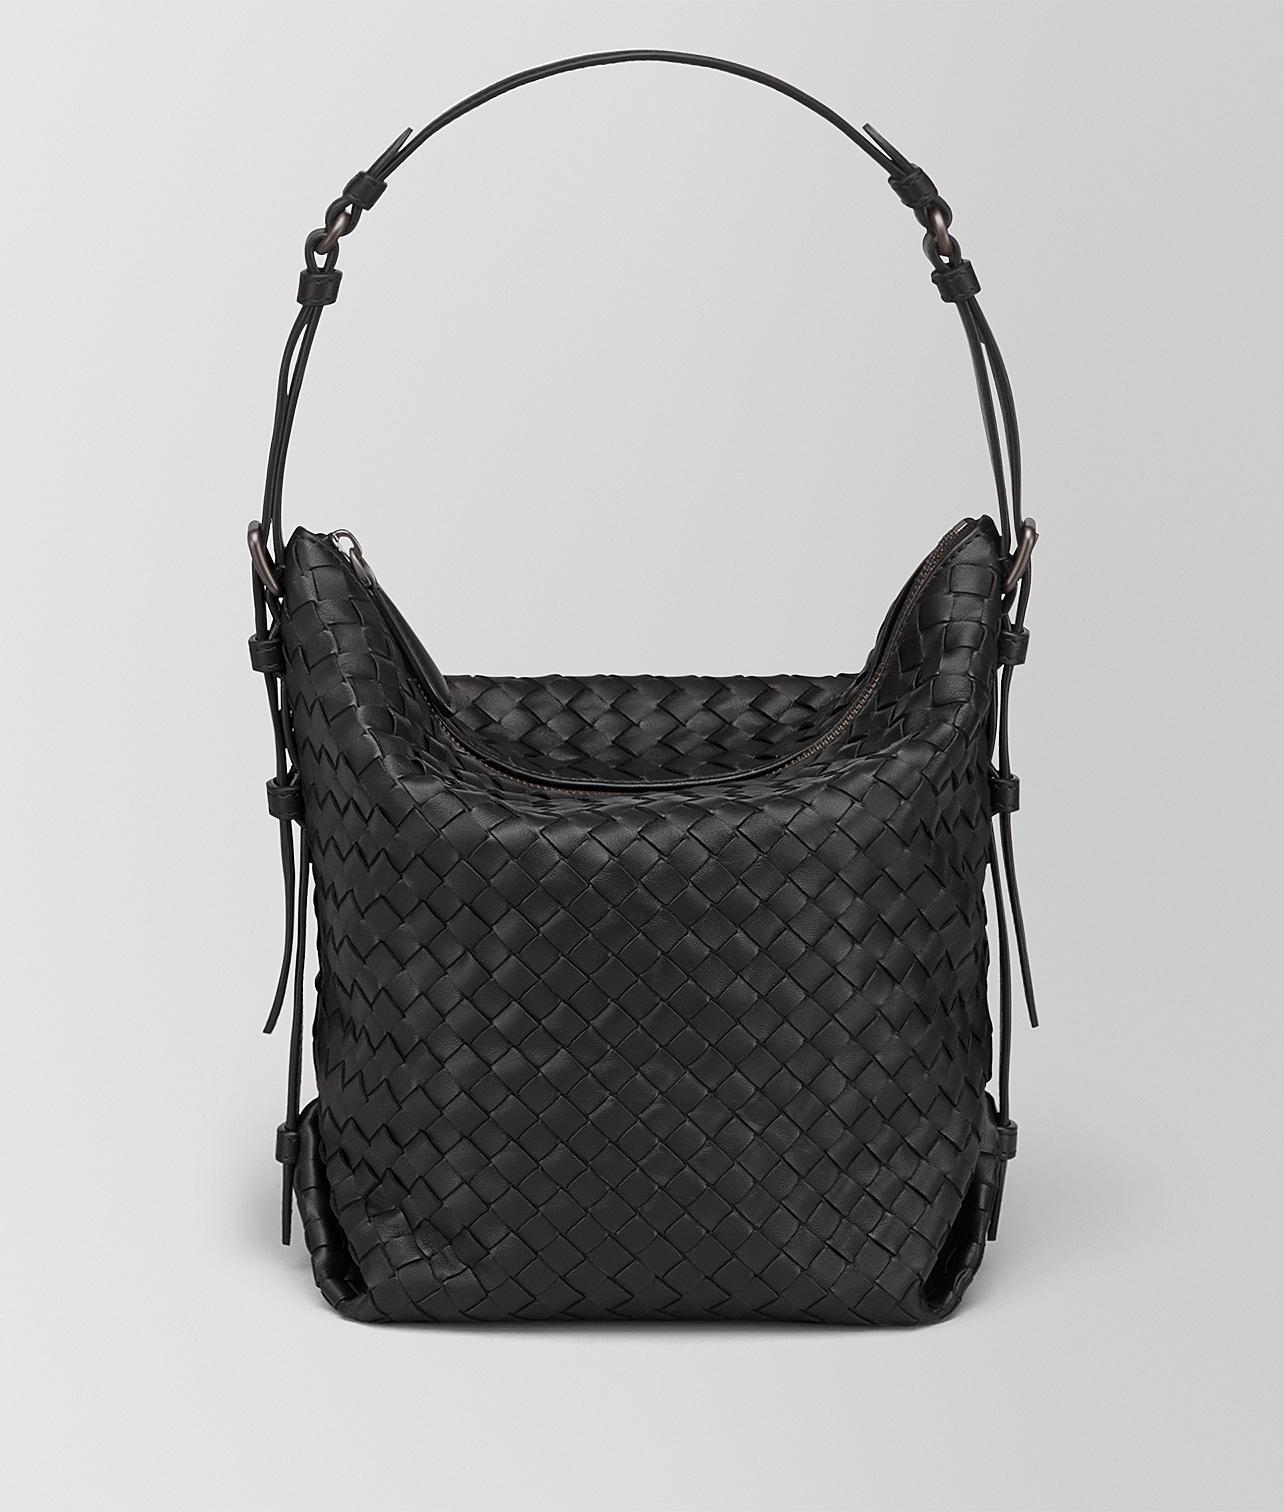 Lyst - Bottega Veneta Nero Intrecciato Nappa Medium Osaka Bag in Black dd2f1eff7d